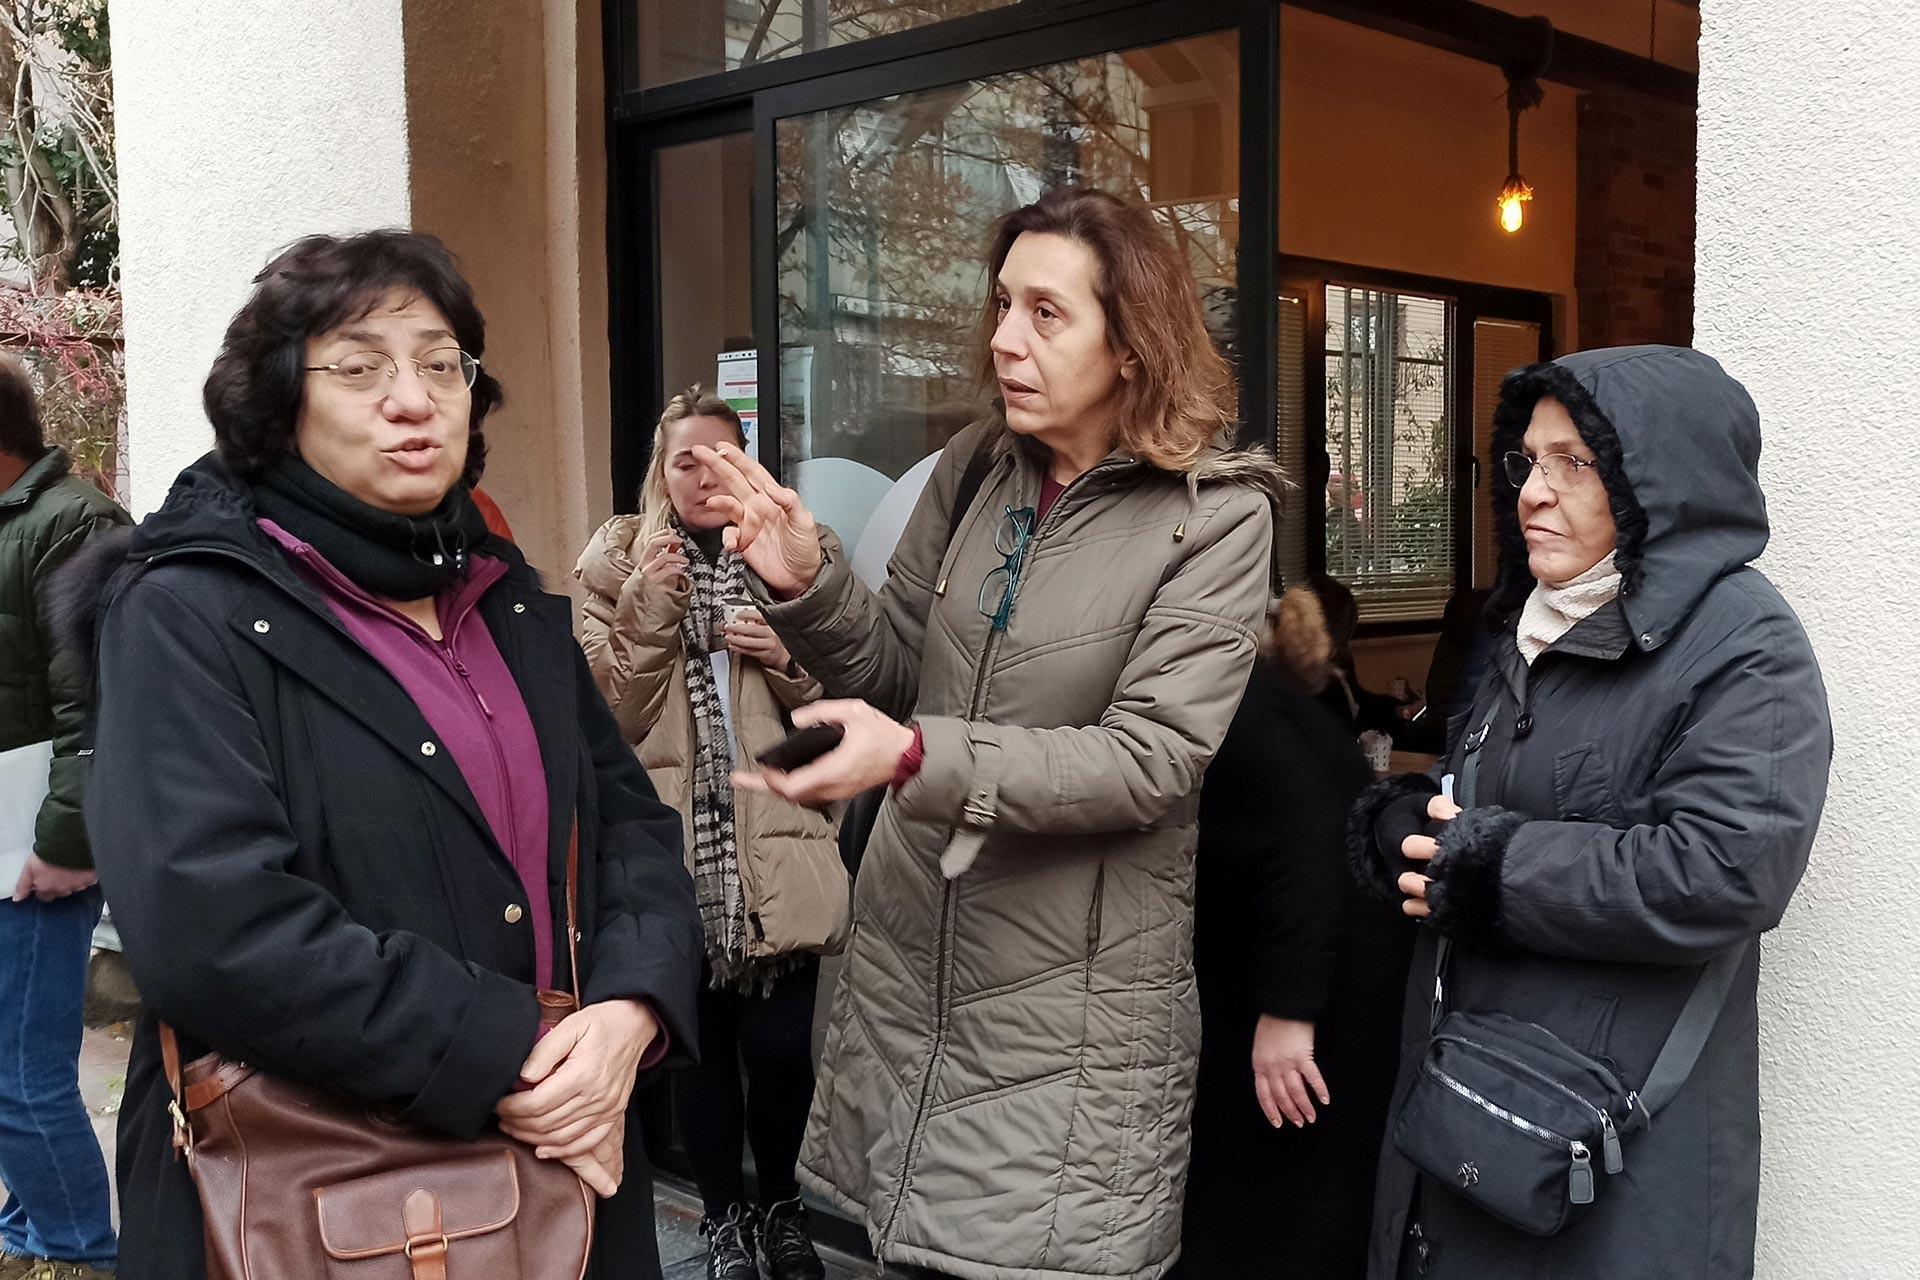 Kanal İstanbul projesine itiraz etmek üzere Çevre ve Şehircilik İl Müdürlüğüne dilekçe vermek için sırada bekleyen Zeynep Gençağaoğlu, Birgül Canfesçi, Aysel Halaç adlı yurttaşlar